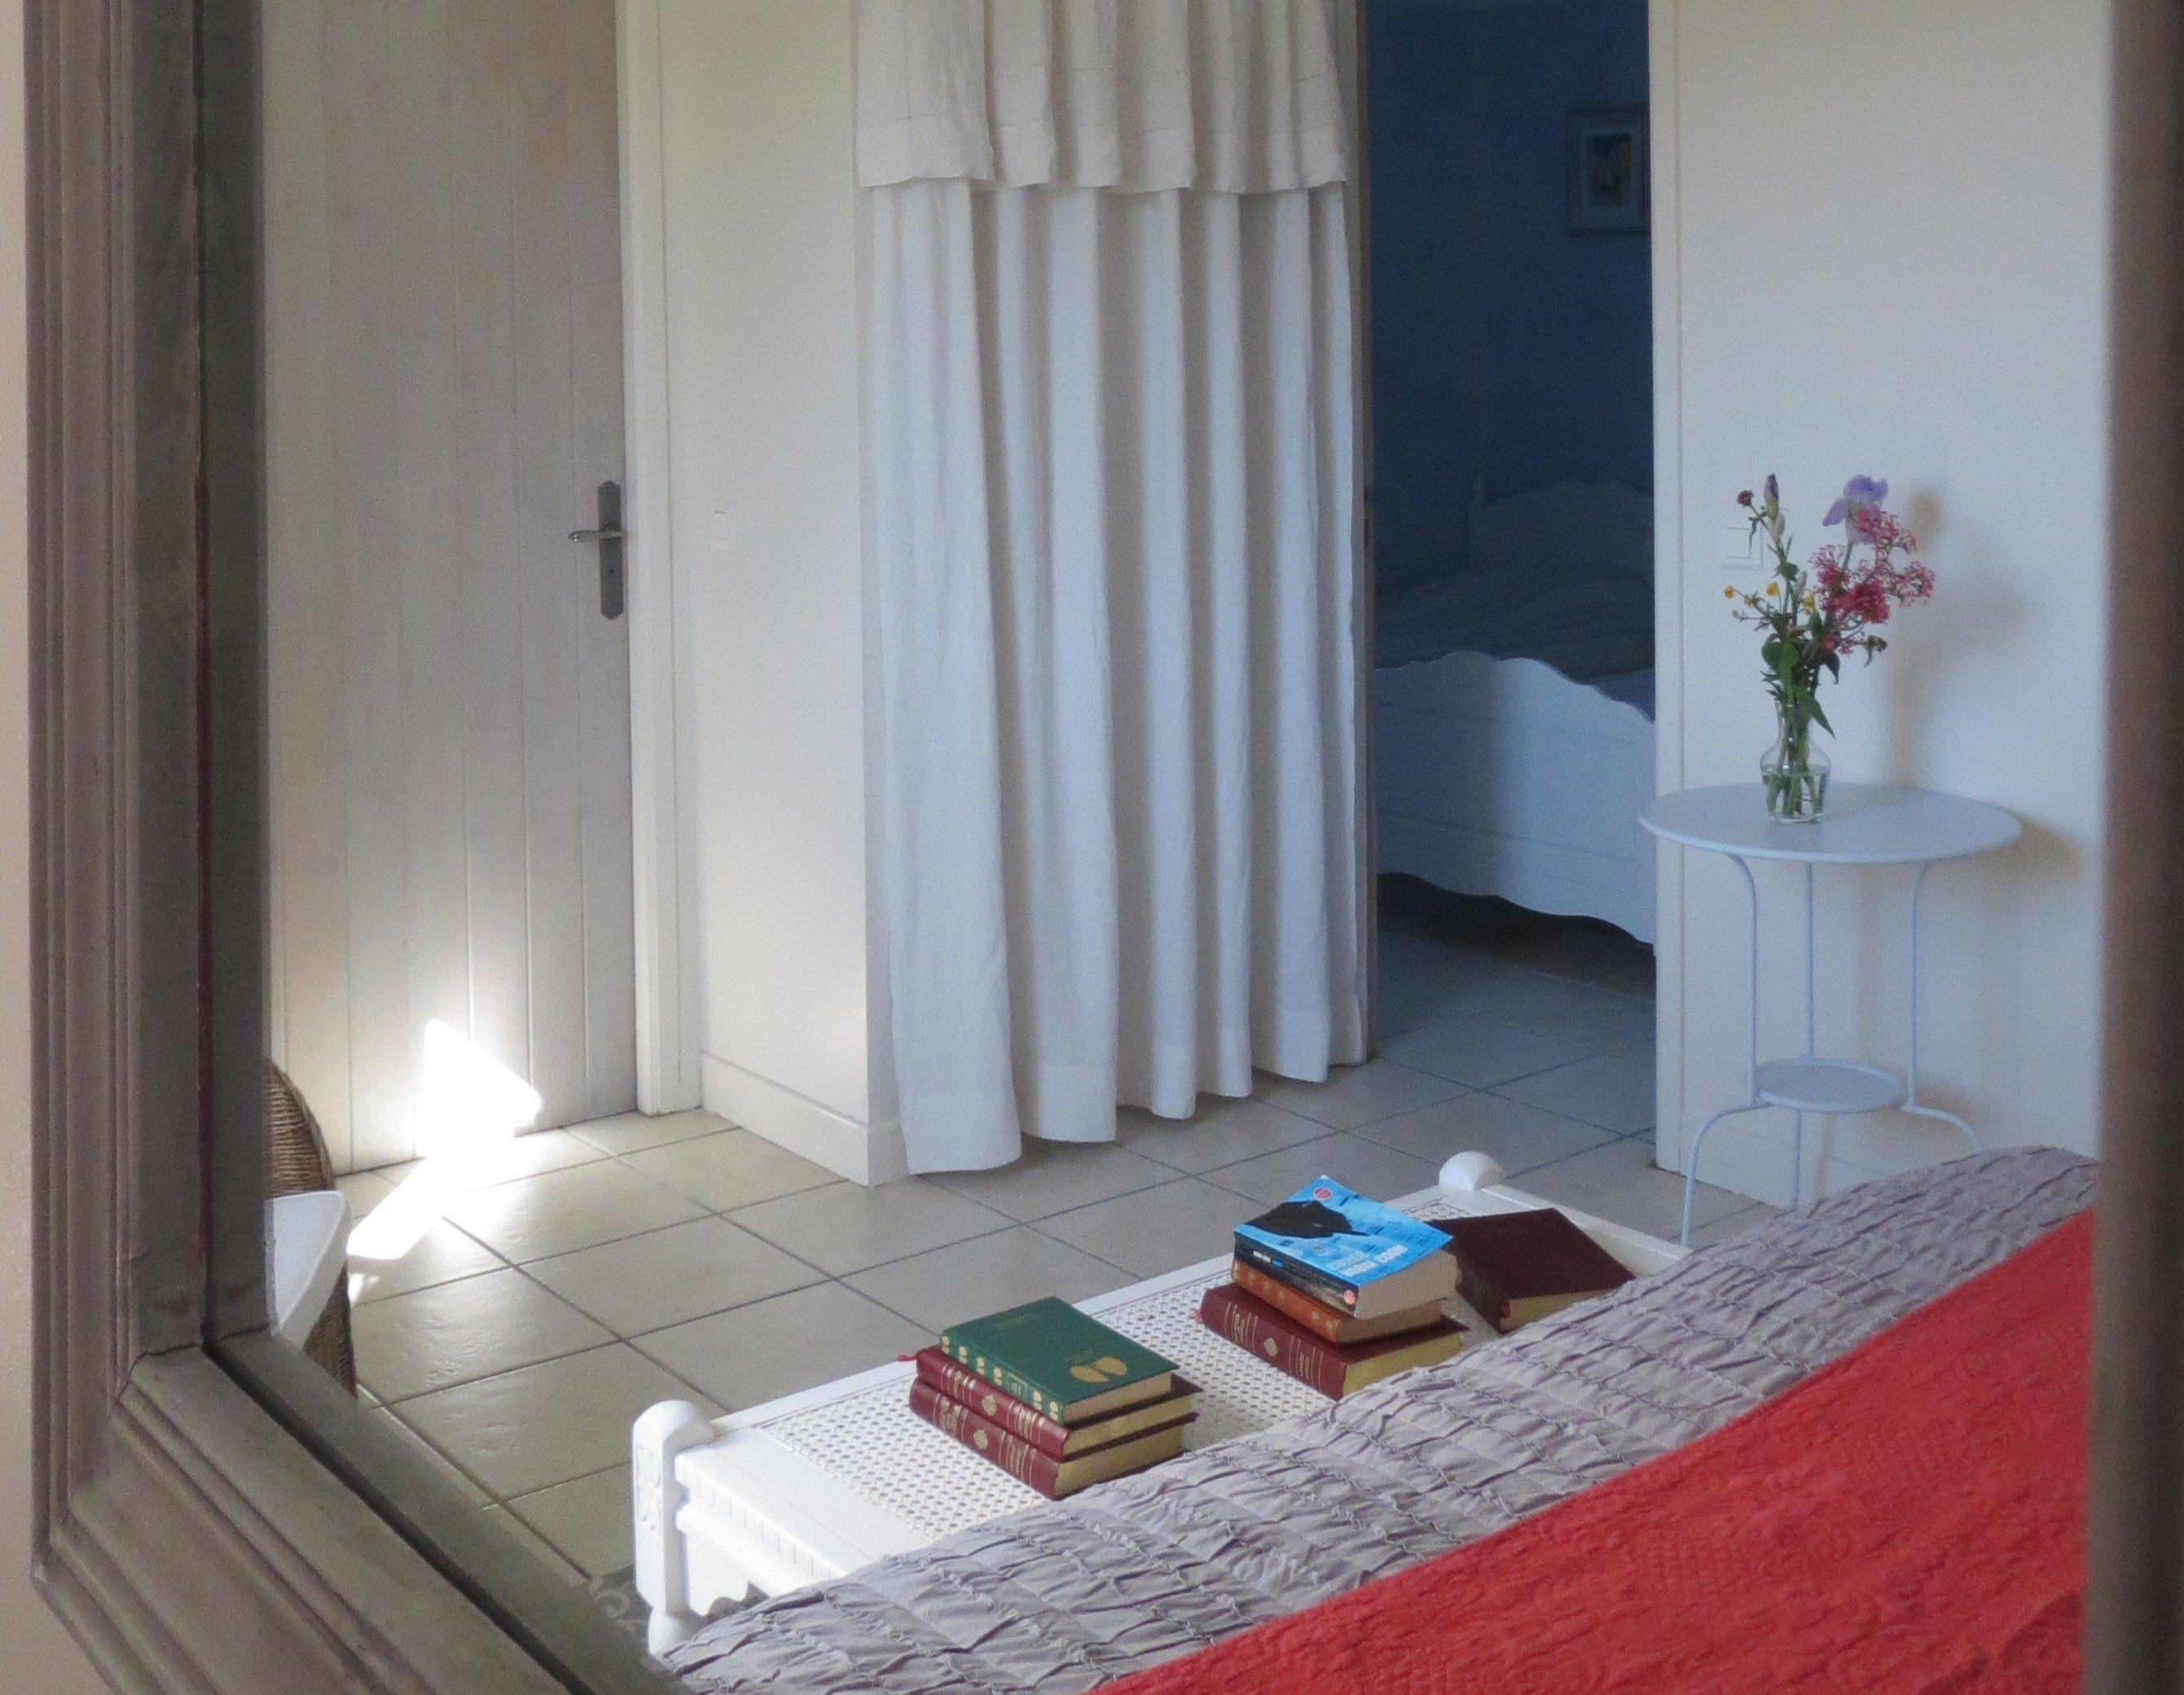 Présentation de la chambre Chambre familiale Chambre Hérault de